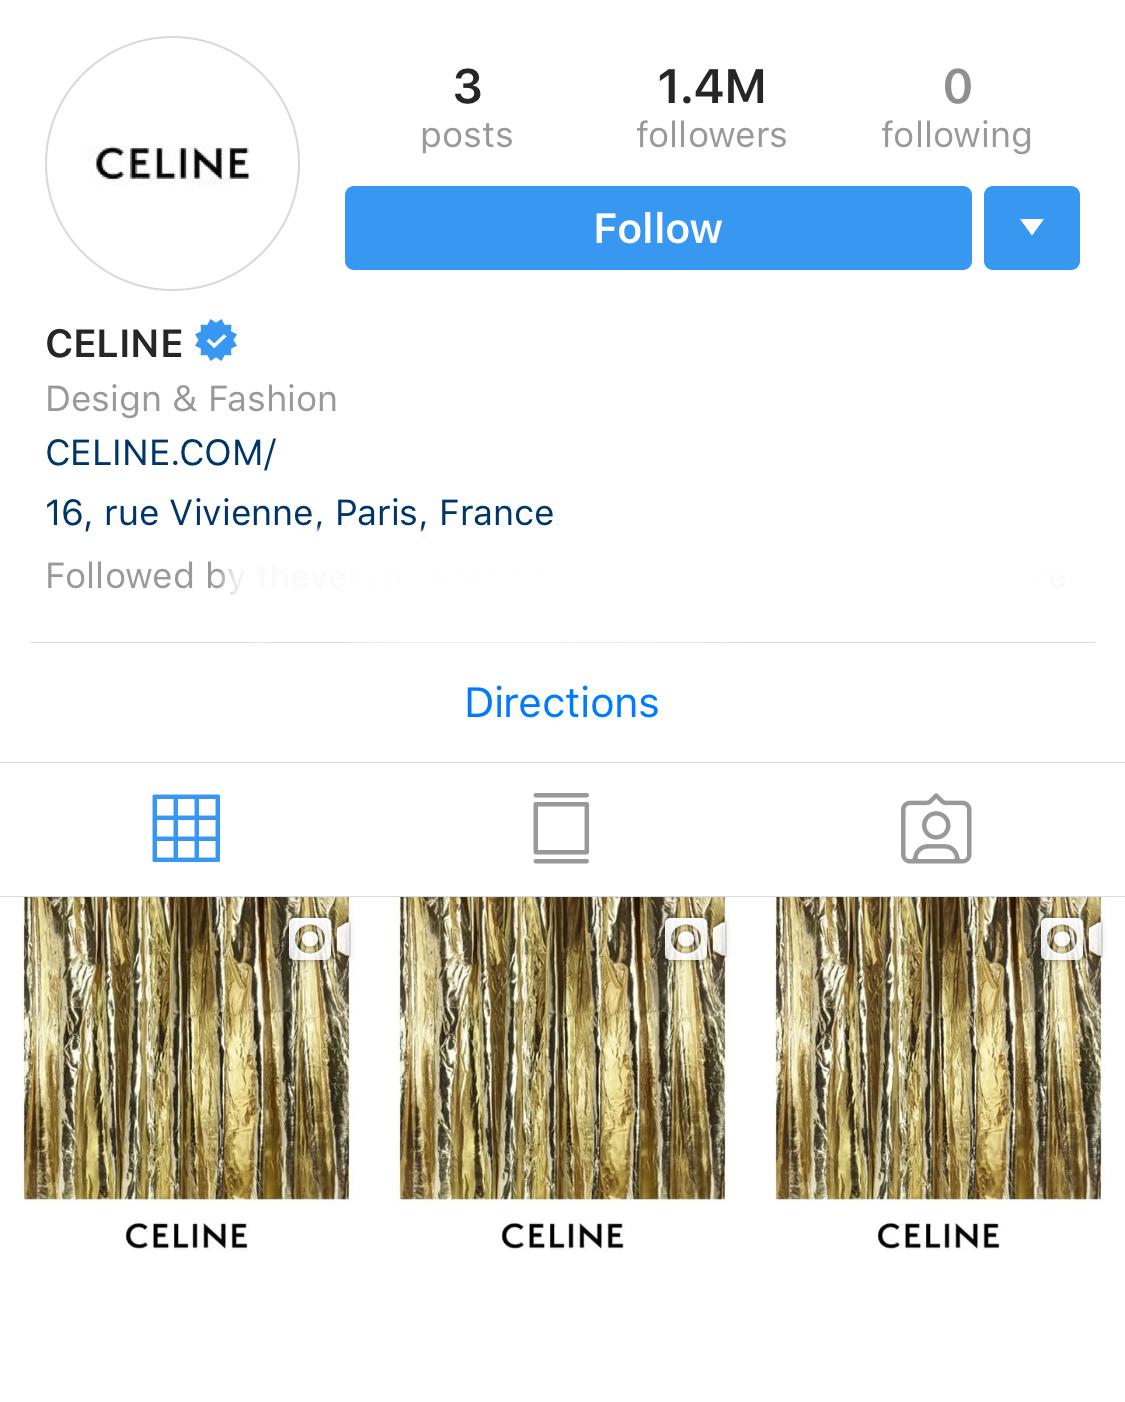 Toàn bộ lịch sử bài đăng trước kia của Celine đã được xóa sạch.